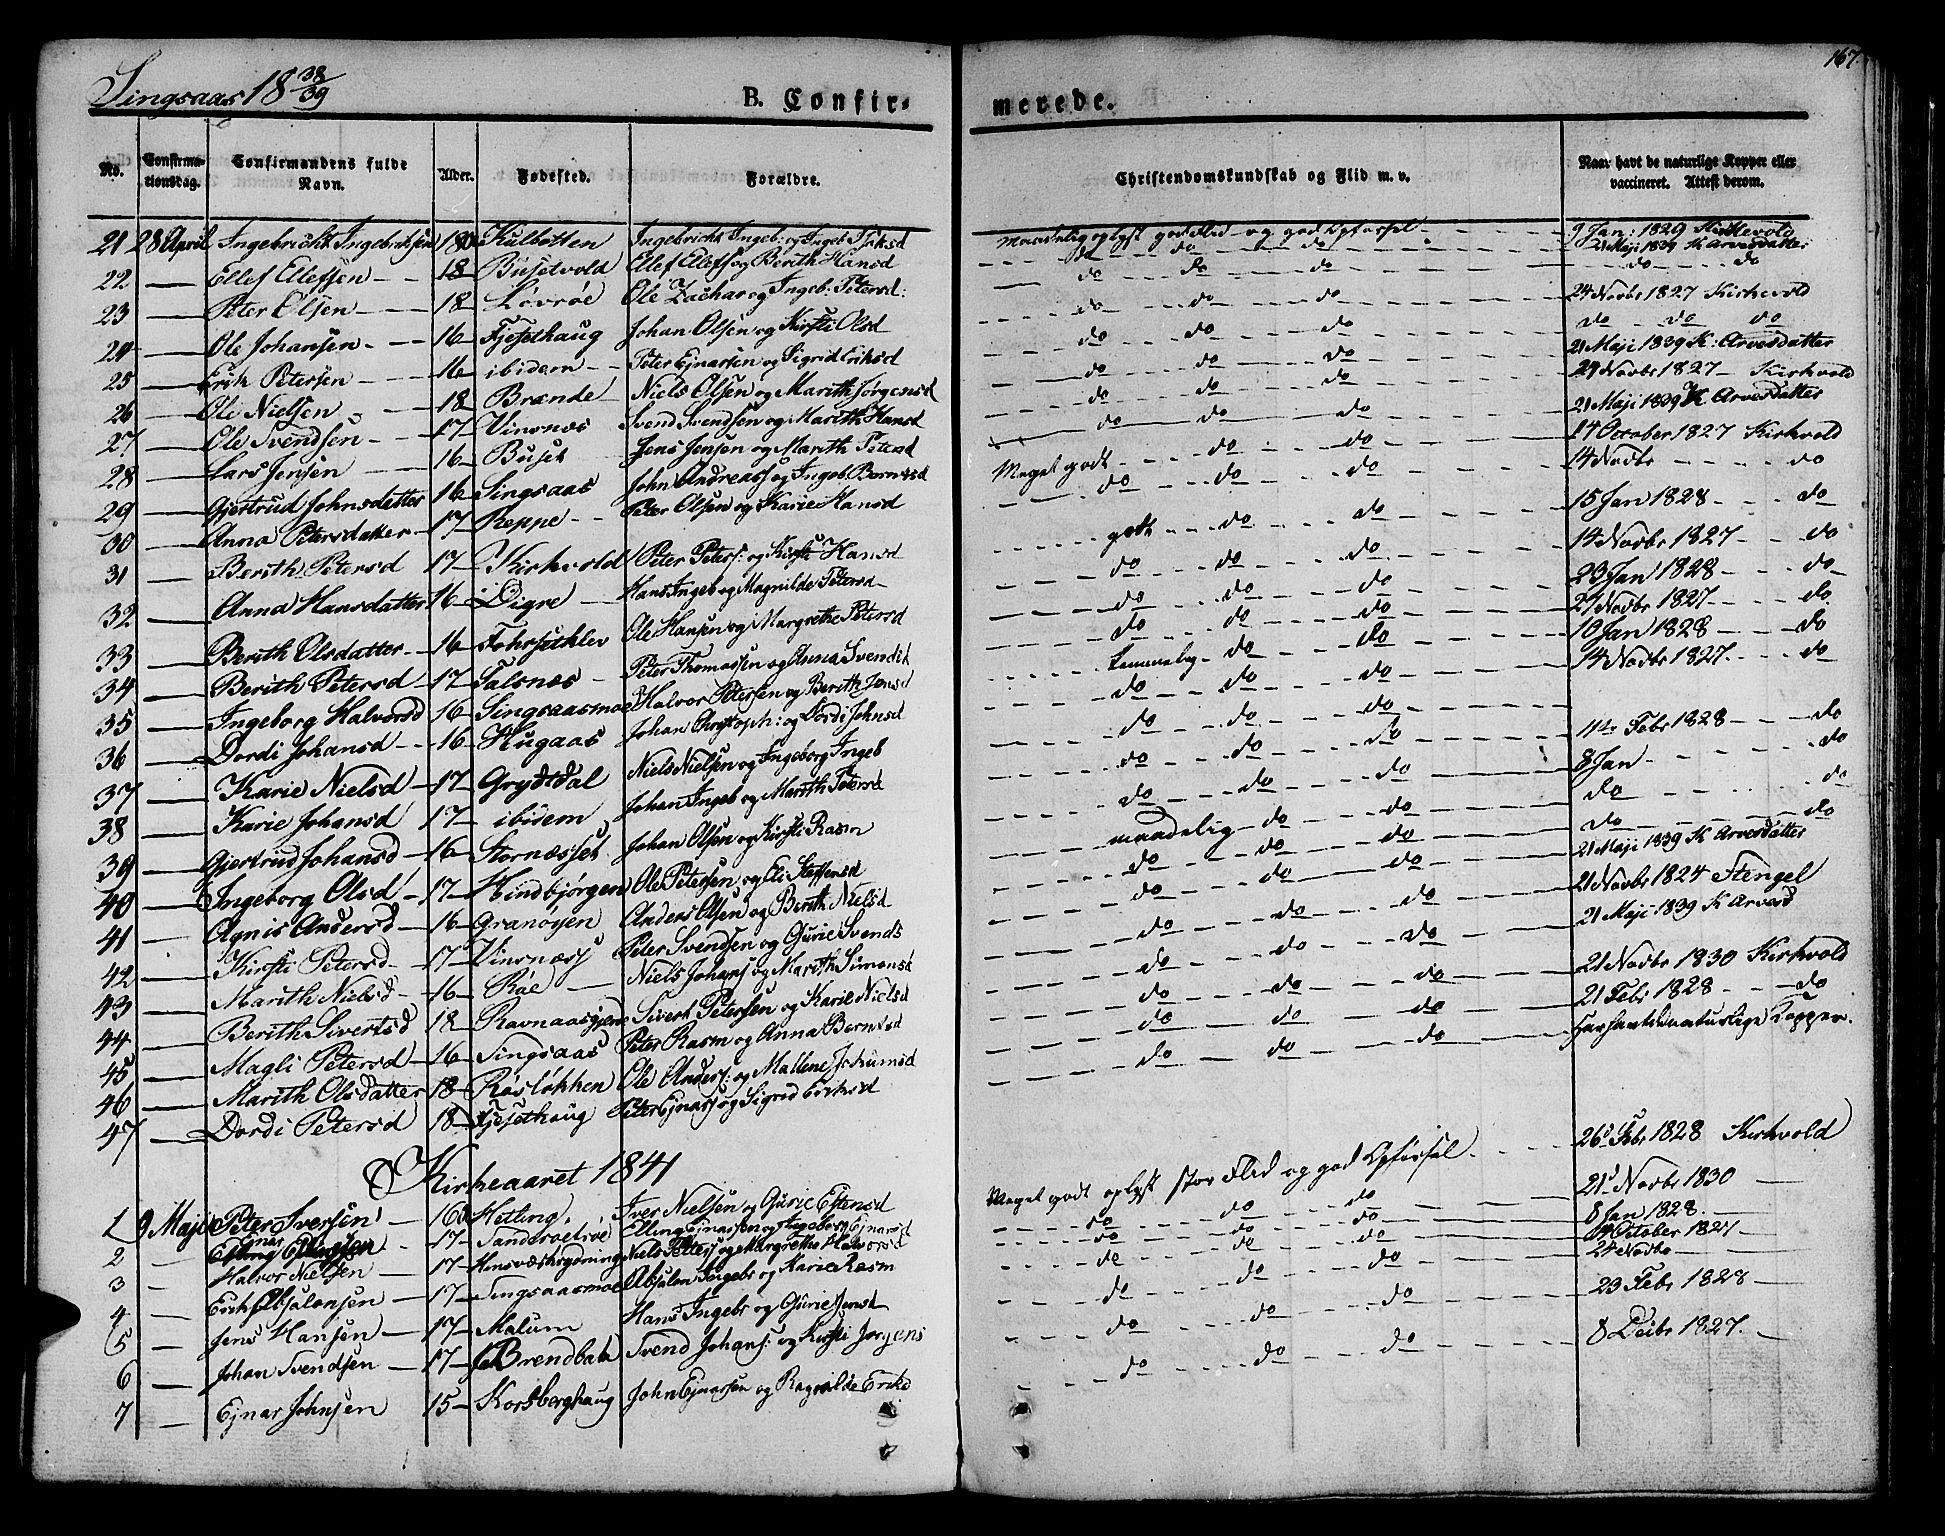 SAT, Ministerialprotokoller, klokkerbøker og fødselsregistre - Sør-Trøndelag, 685/L0958: Ministerialbok nr. 685A04 /2, 1829-1845, s. 167